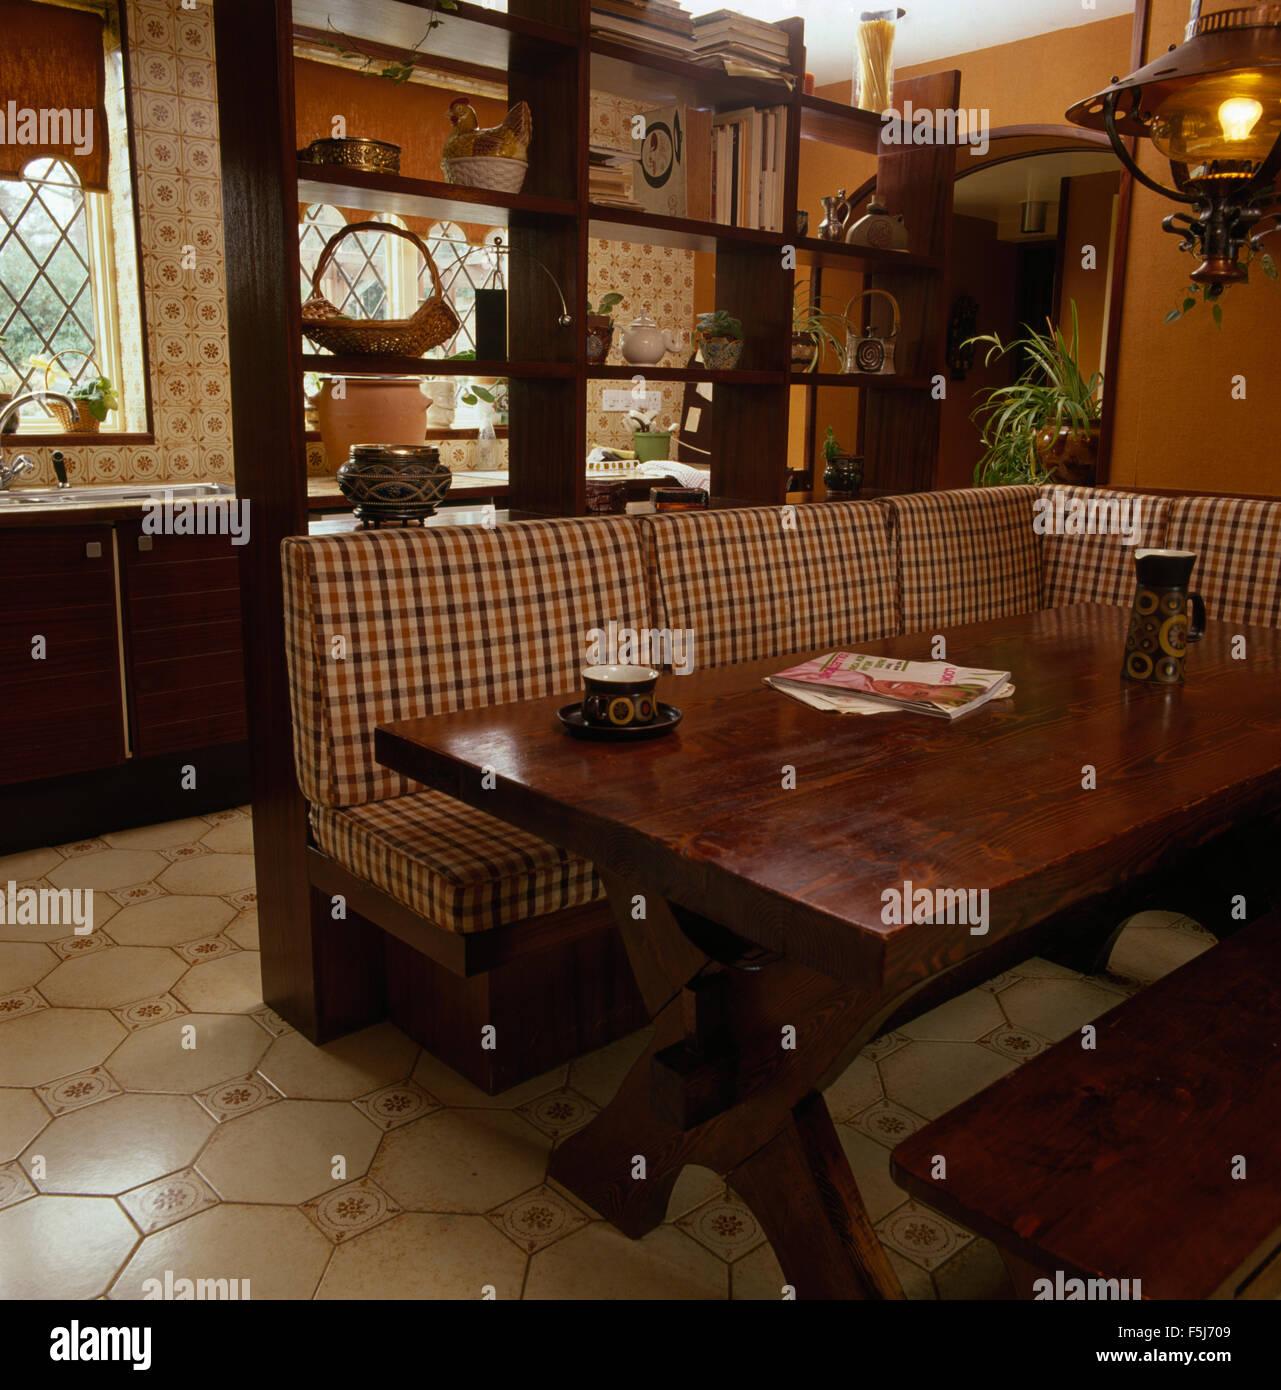 berprft kissen bankett bestuhlung an einen dunklen holztisch in einem 70er jahre wohnkche stockbild - Esstisch Mit Bankettbestuhlung